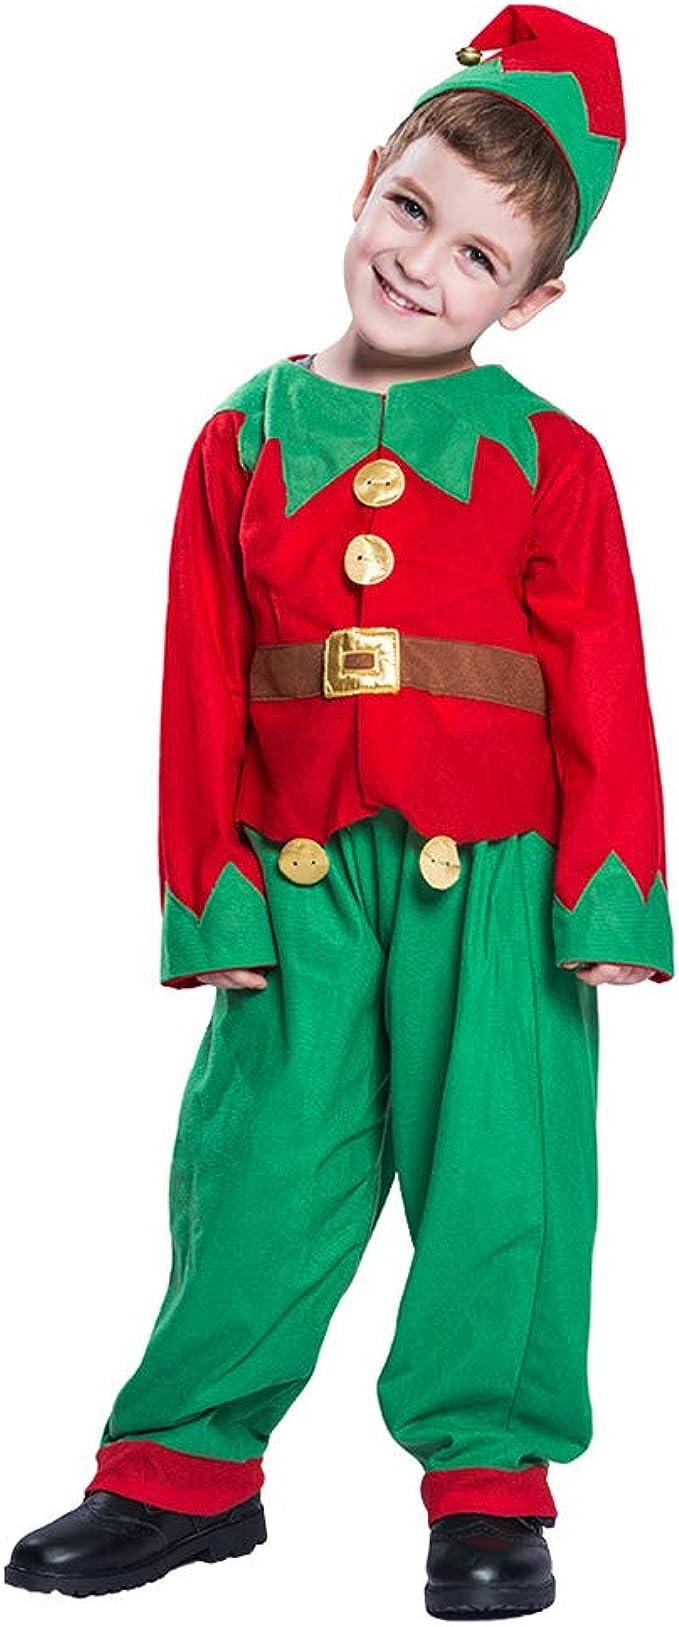 Disfraces de Navidad para niños Traje de Duende Disfraz de Elfo de ...